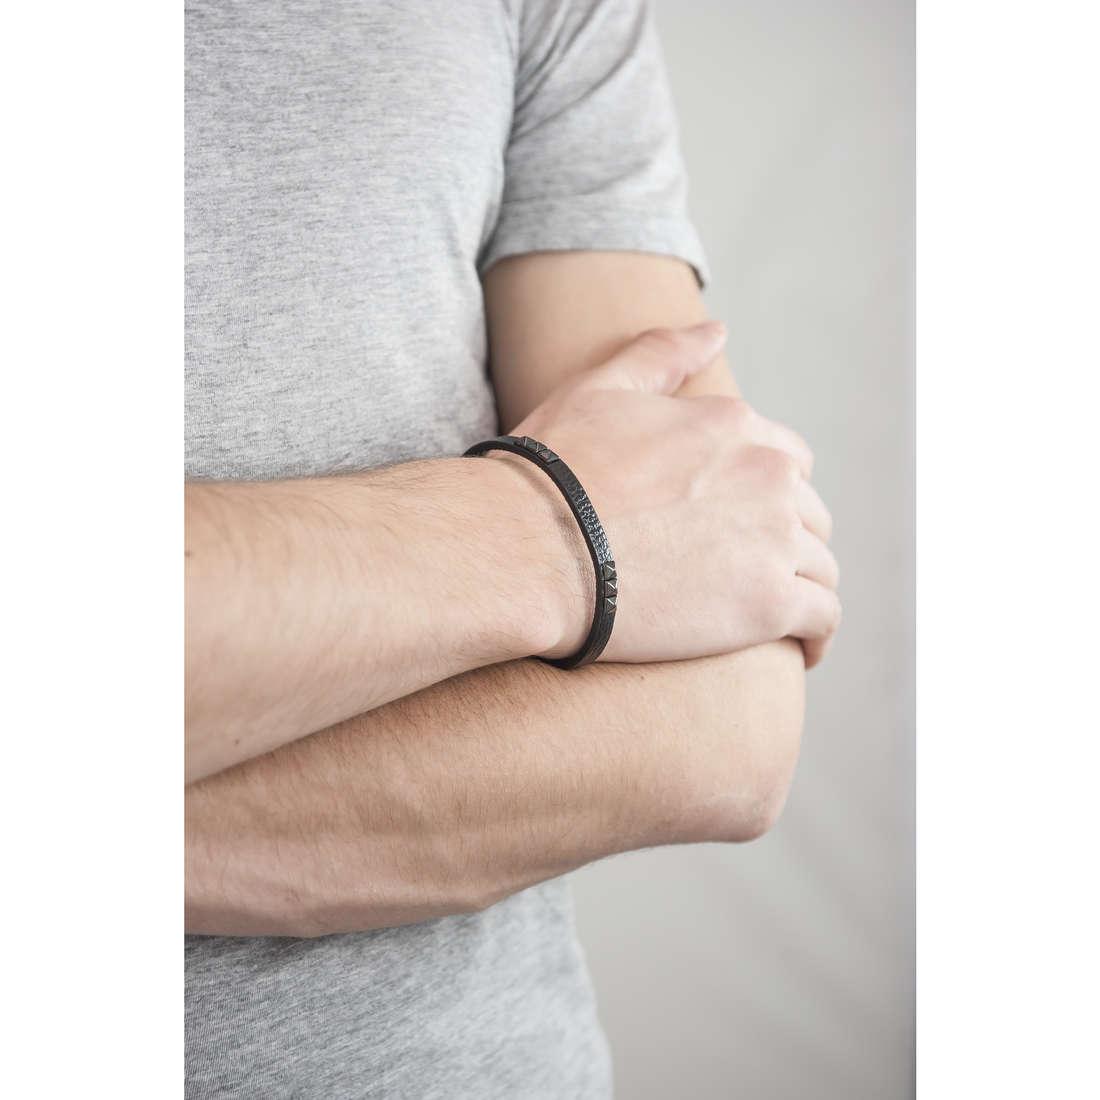 Morellato bracciali Studs uomo SADT02 indosso